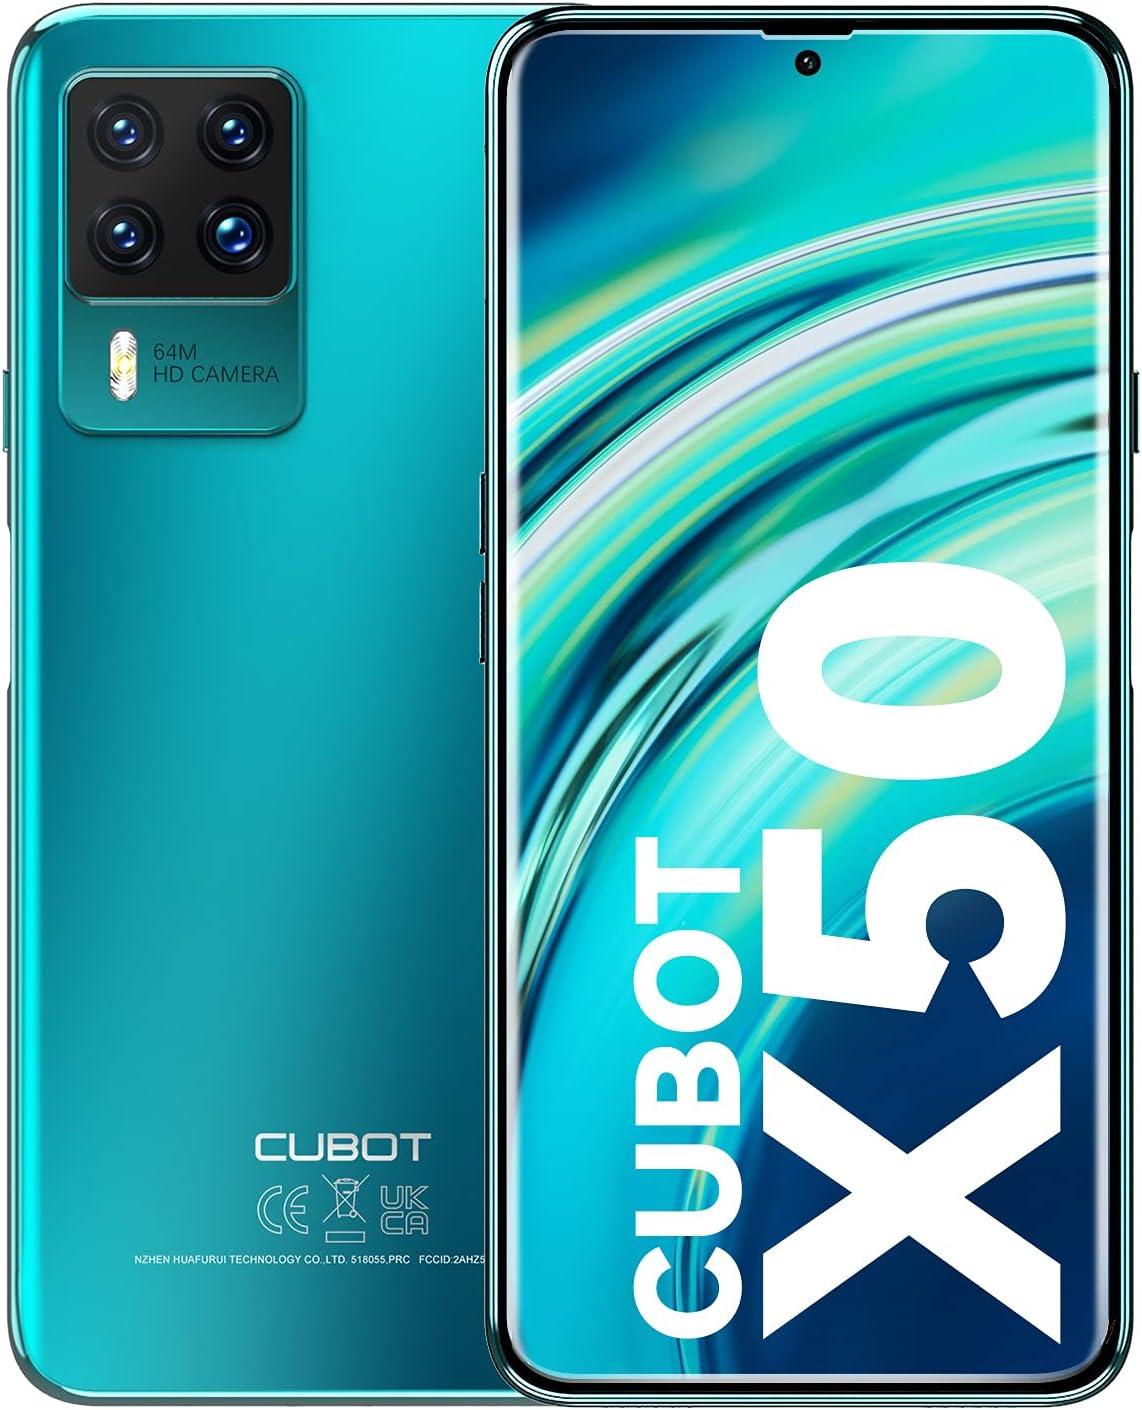 CUBOT X50 Móviles Libres, Android 11 Teléfono Móvil,8GB + 128GB Smartphone Libre(TF 256GB),Pantalla FHD+ de 6.67